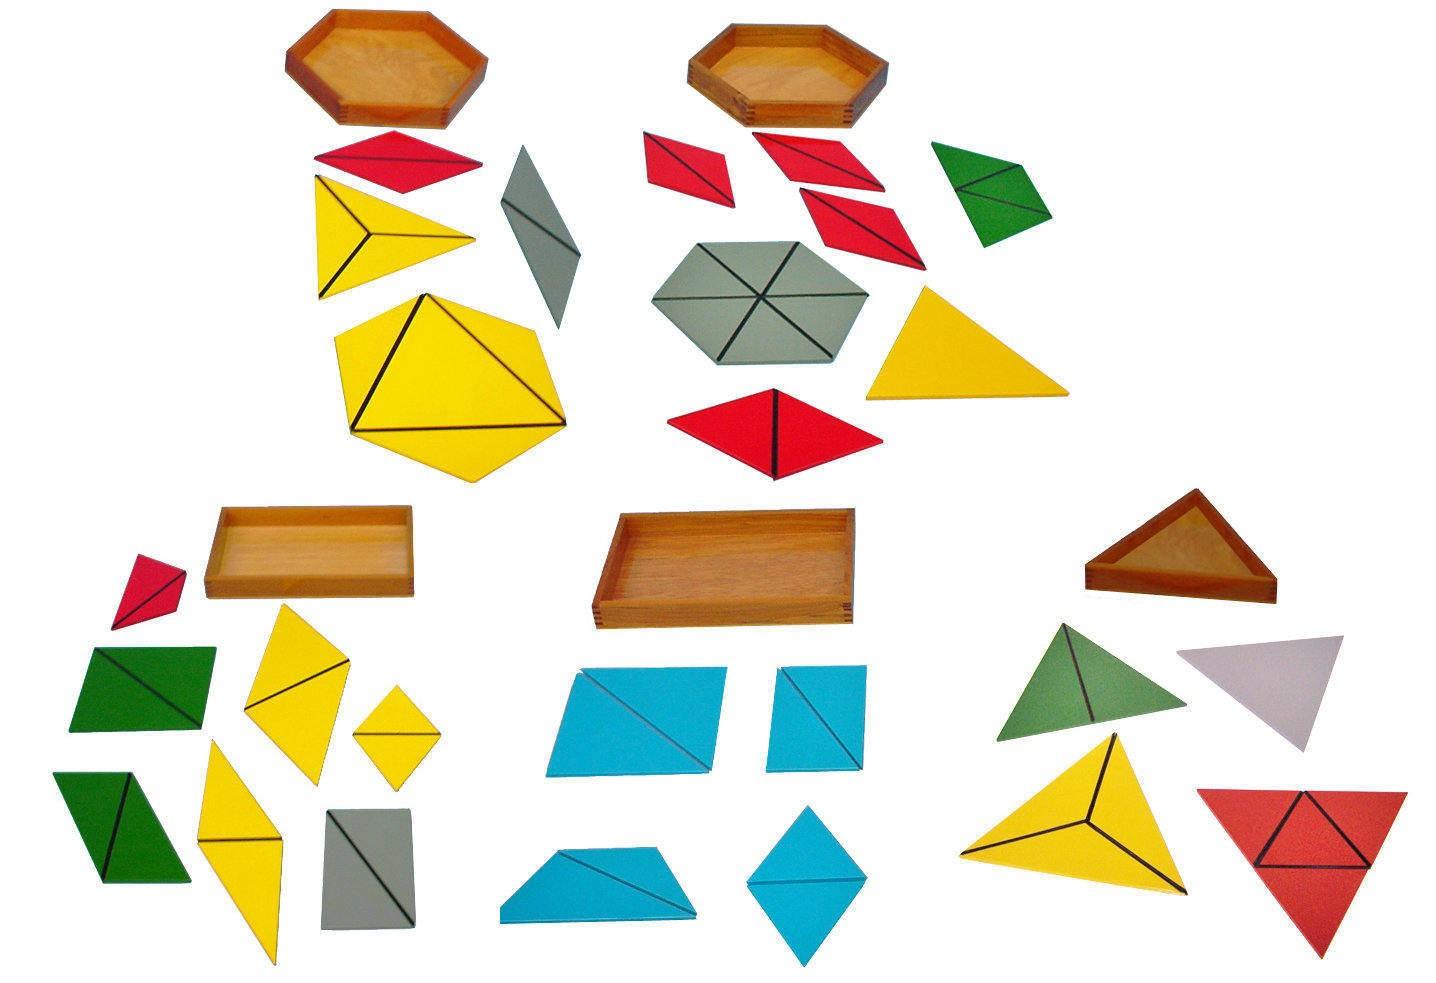 Caixas de Triangulação